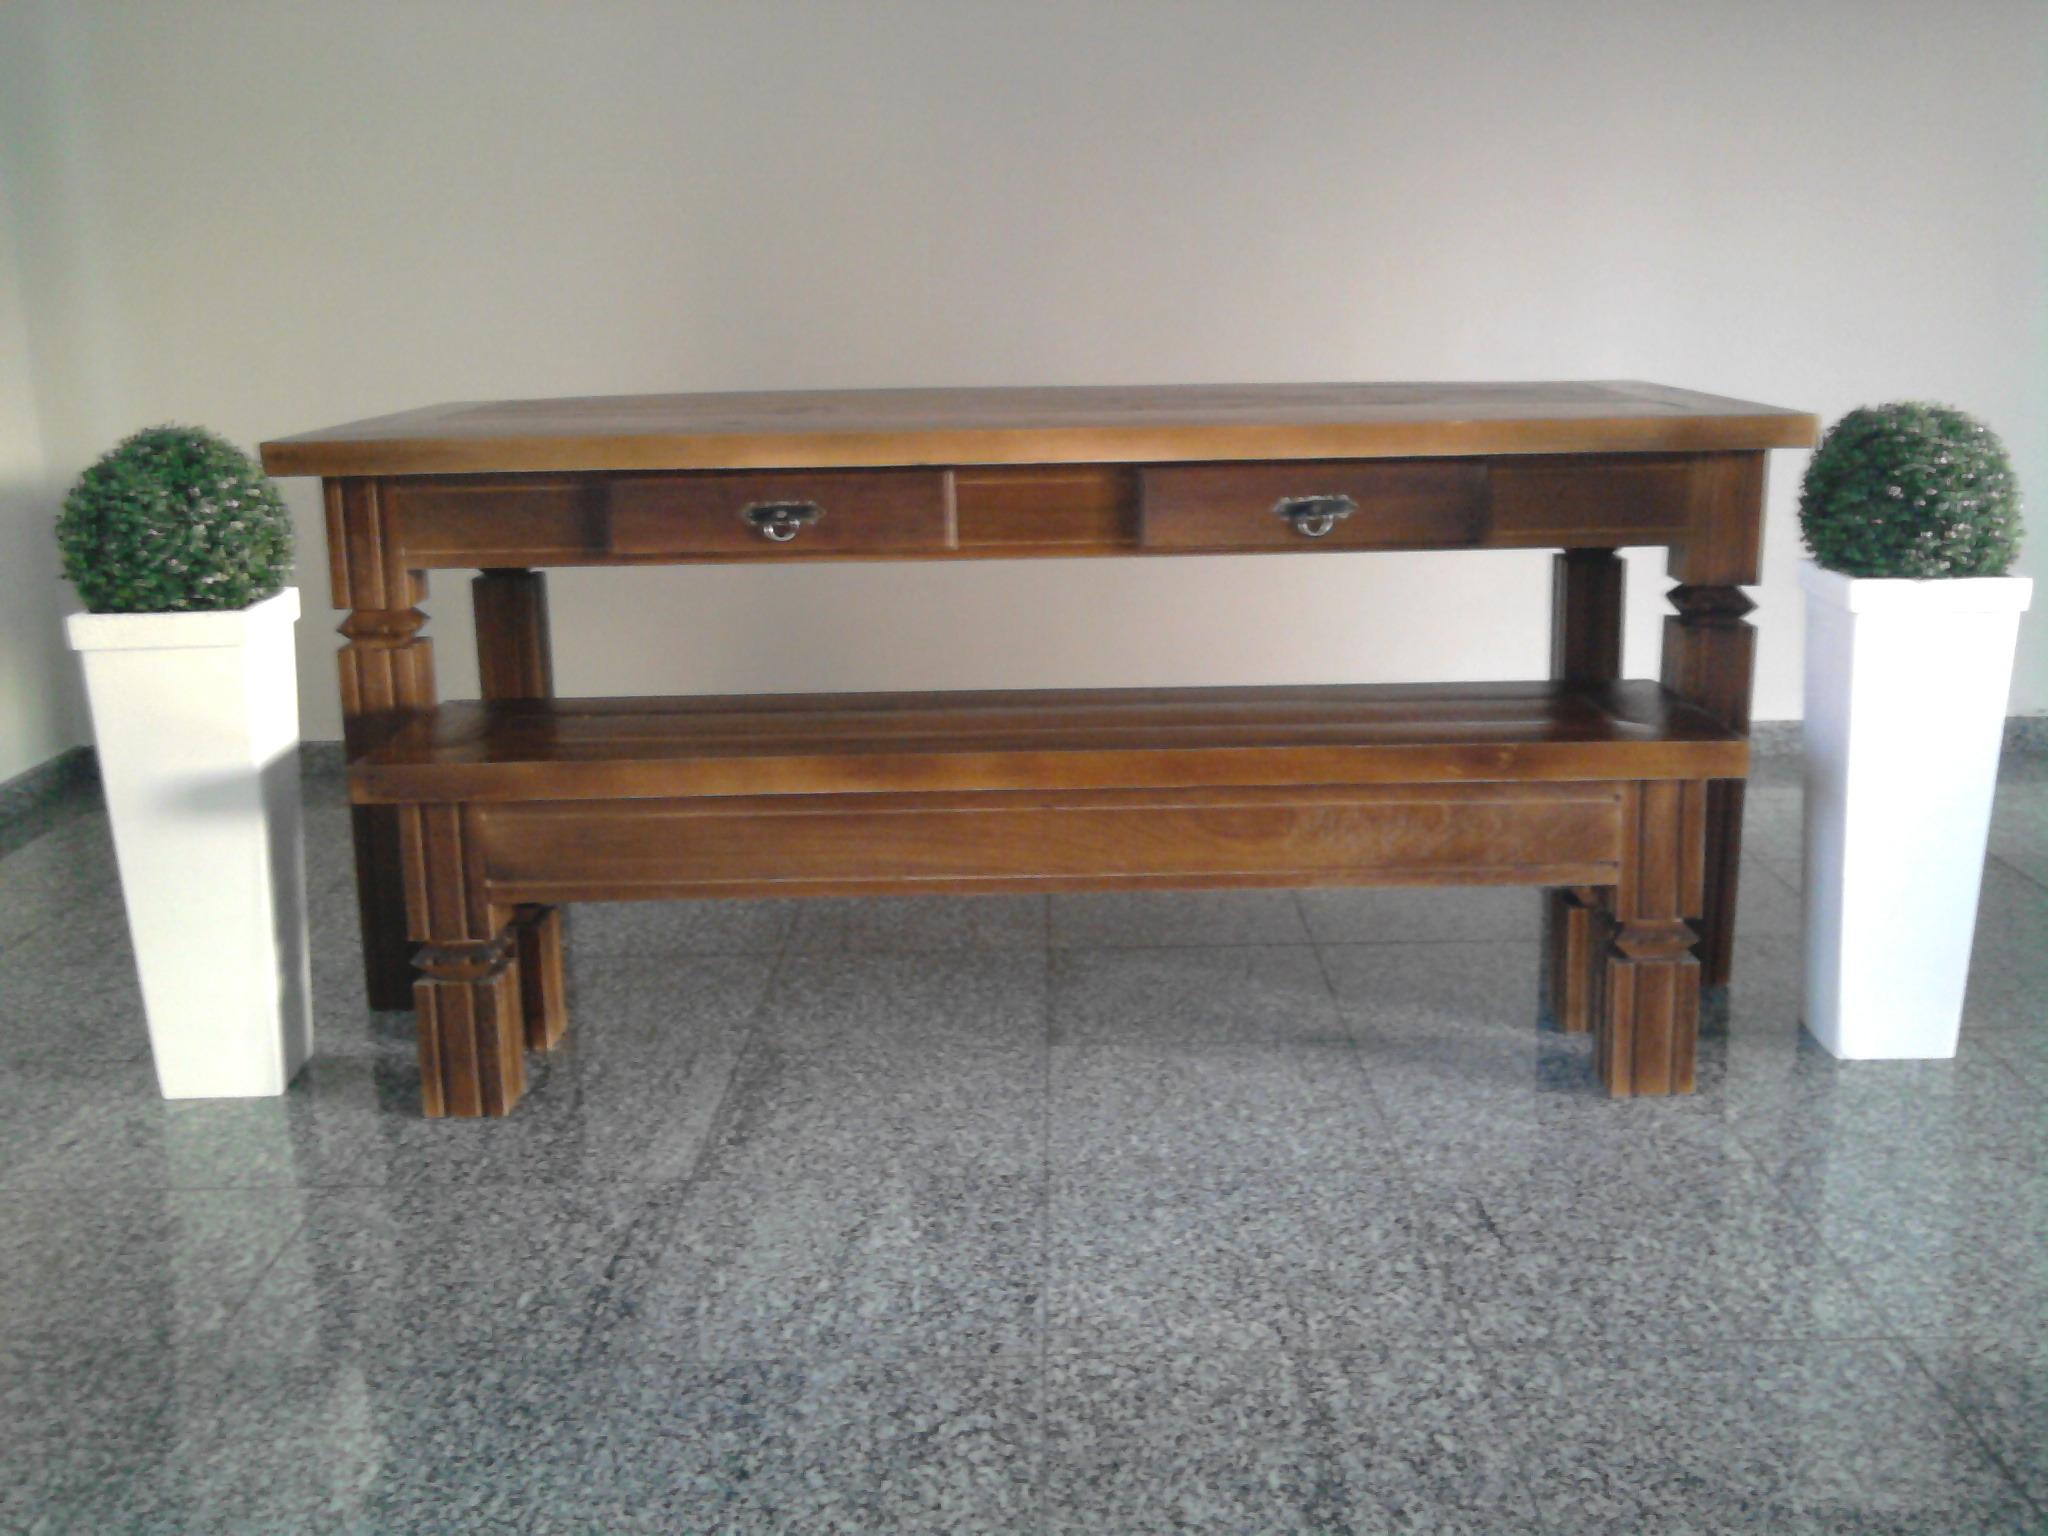 mesa rustica provencal para aluguel sp mesa rustica aluguel #694834 2048x1536